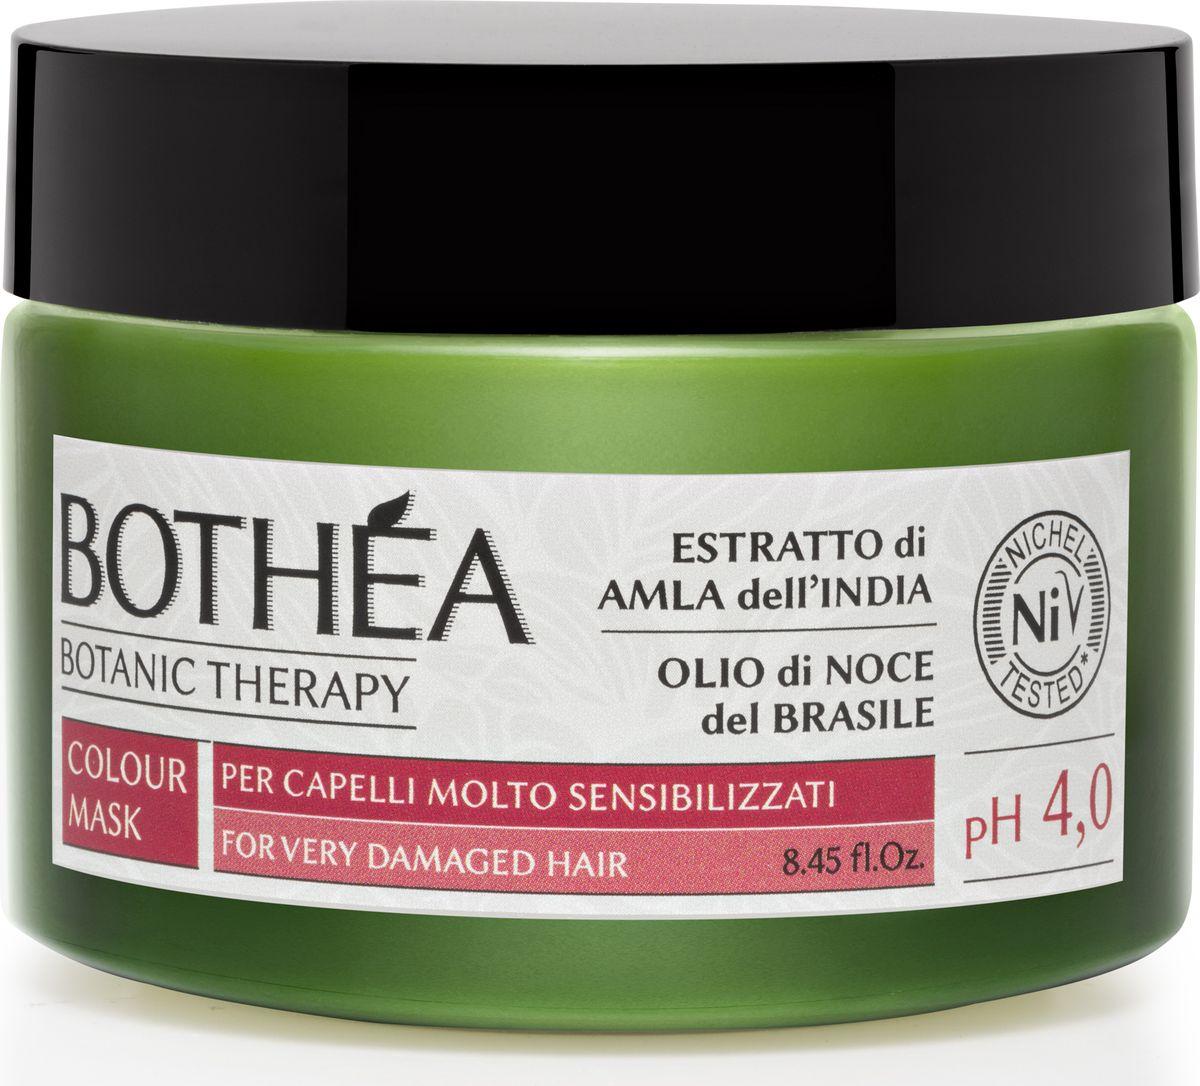 Bothea Маска для поврежденных волос Mask For Slightly Damaged Hair pH 4.0 - 250 мл60102Кондиционирующее действие по восстановлению влаги, формула закрывает чешуйки волос, обеспечивая превосходное отражение света. Более того, маска мгновенно смягчает кутикулу и облегчает расчесывание волос.